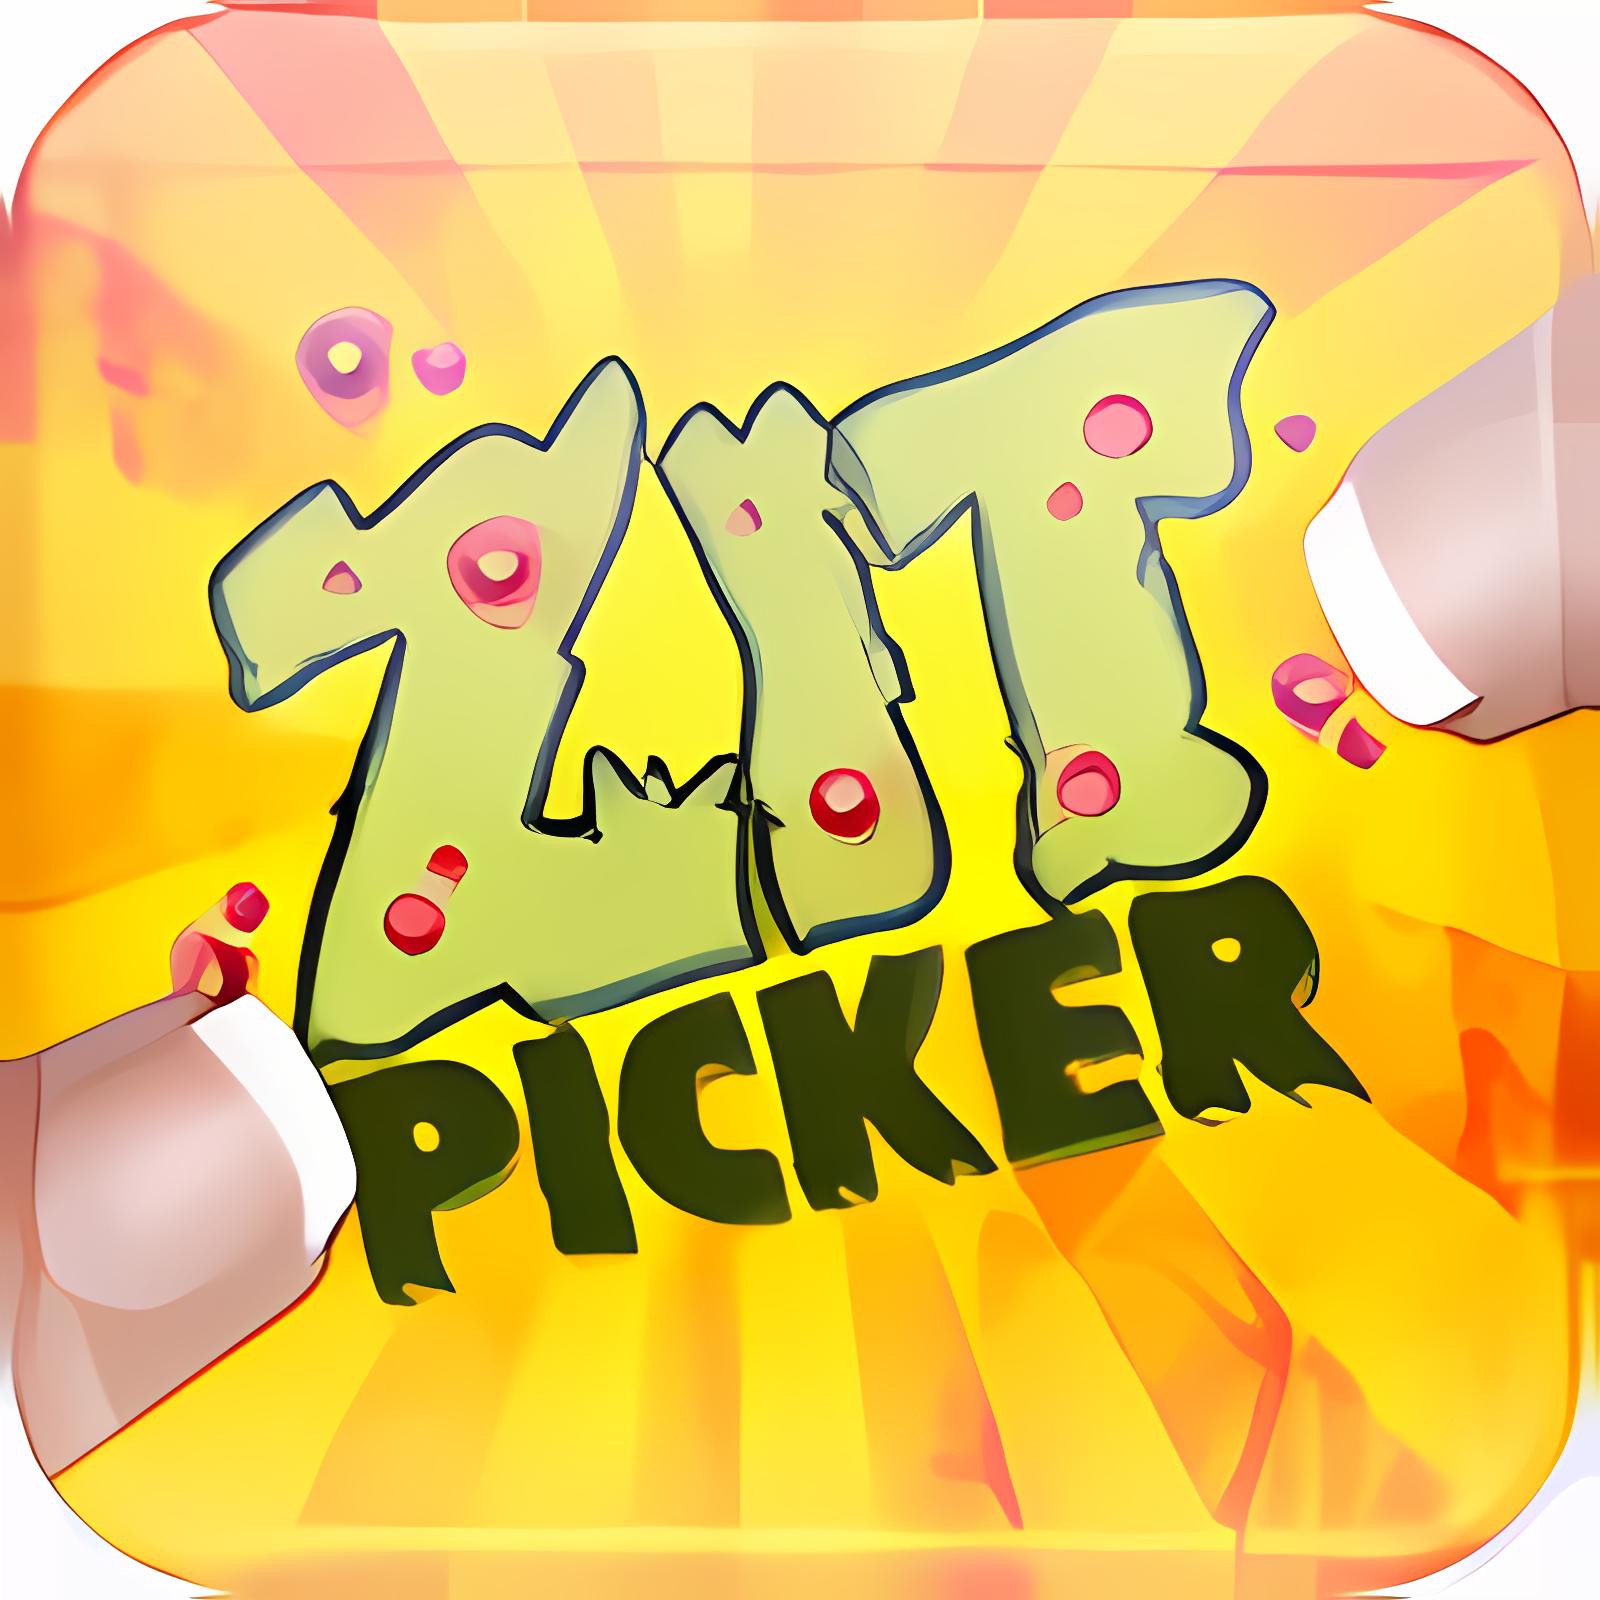 Zit Picker 3.0.1